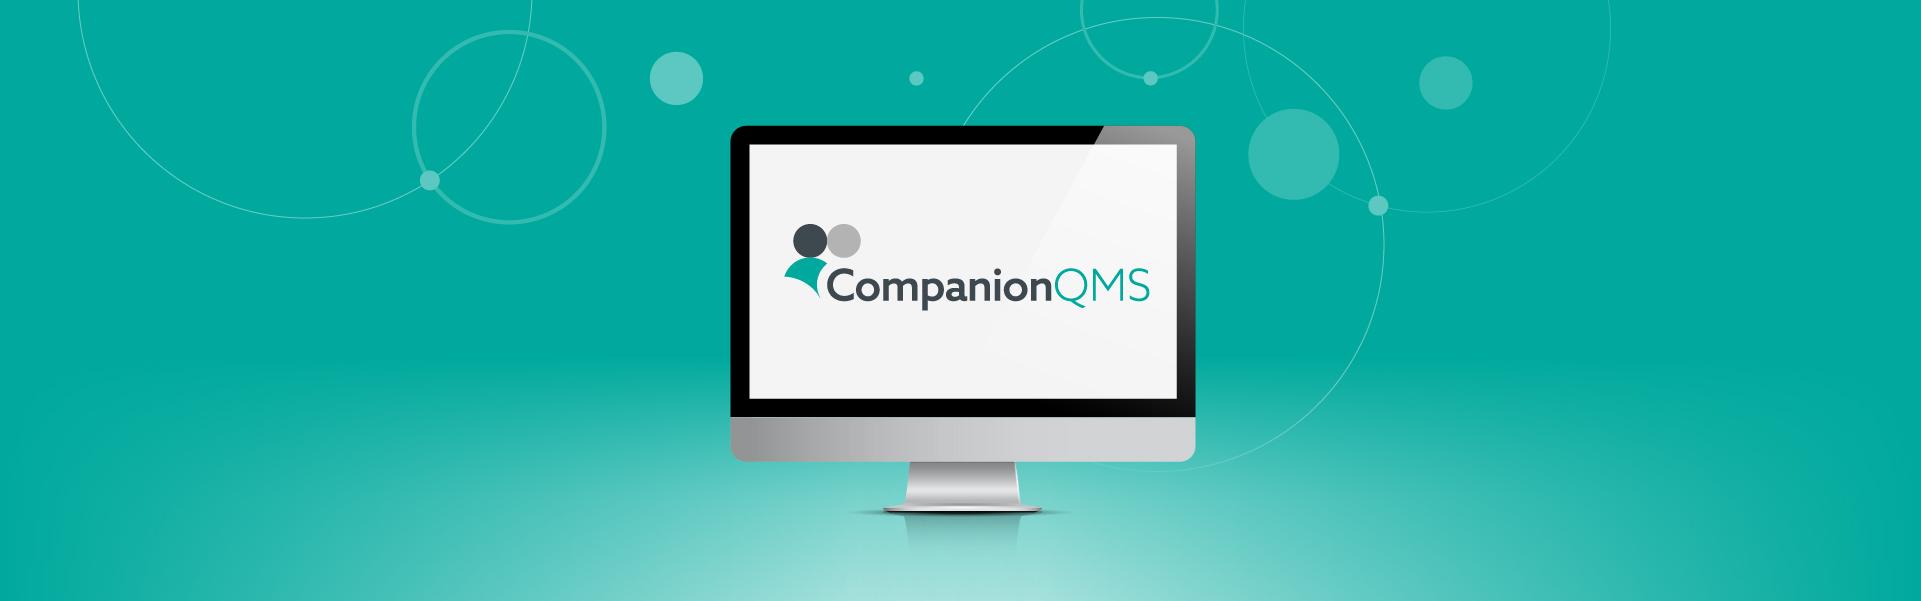 CompanionQMS